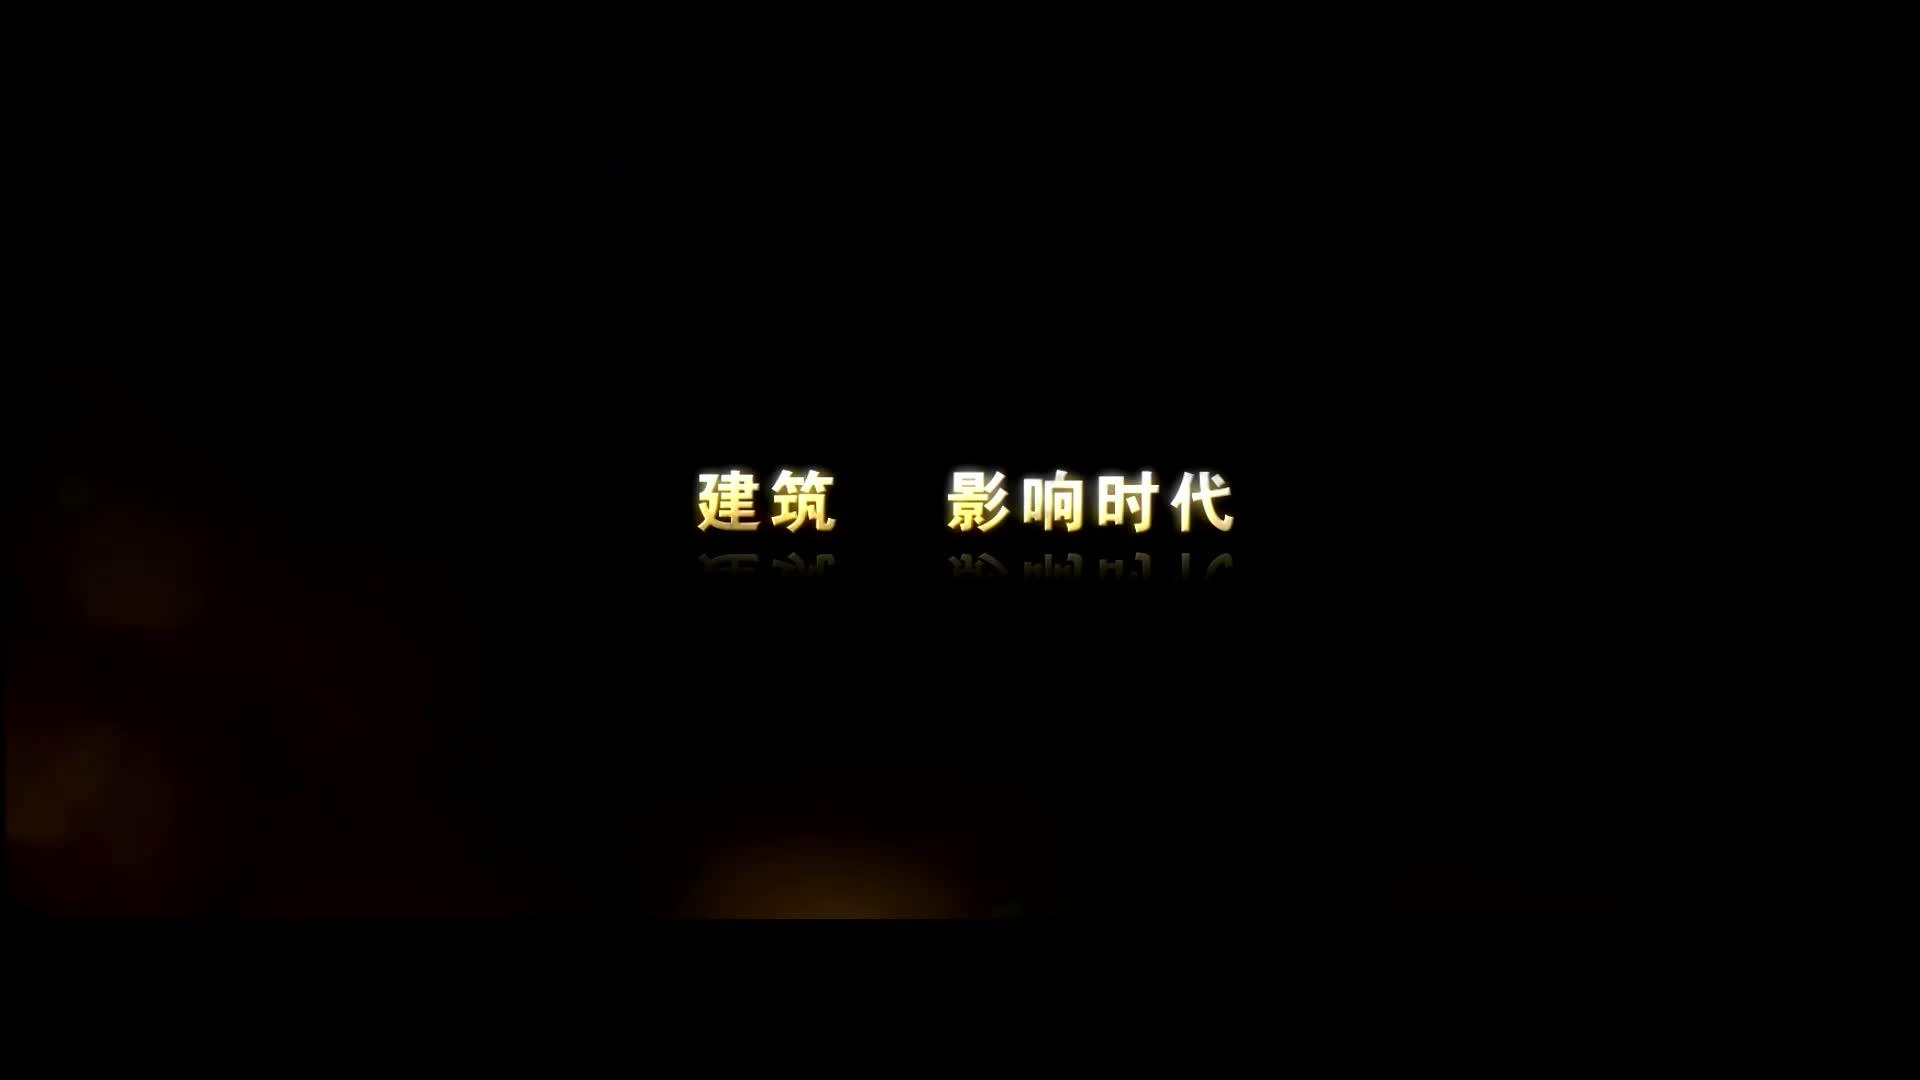 中铁宣传片_batch 建筑动画房地产动画 3dmax三维动画.mp4